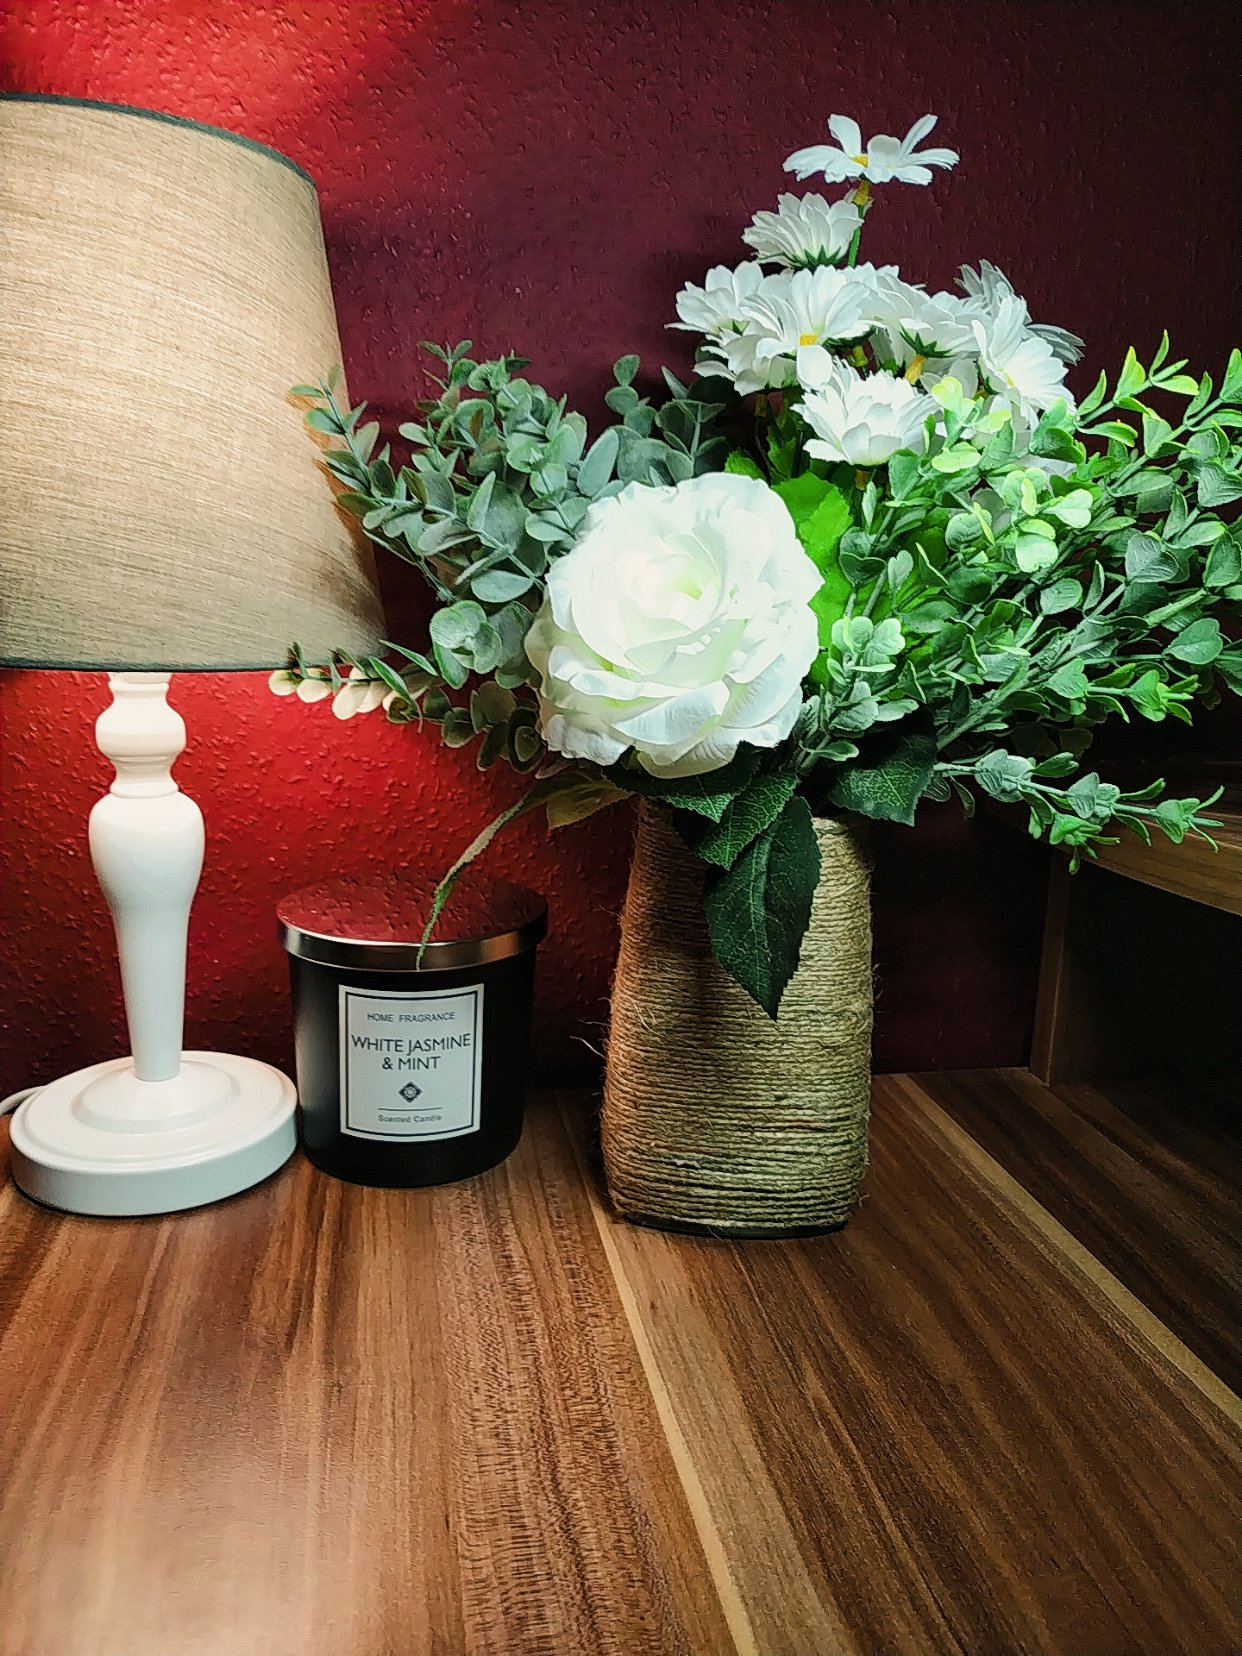 做个手工花瓶吧,工具简单且成本5€以内,满满ins风